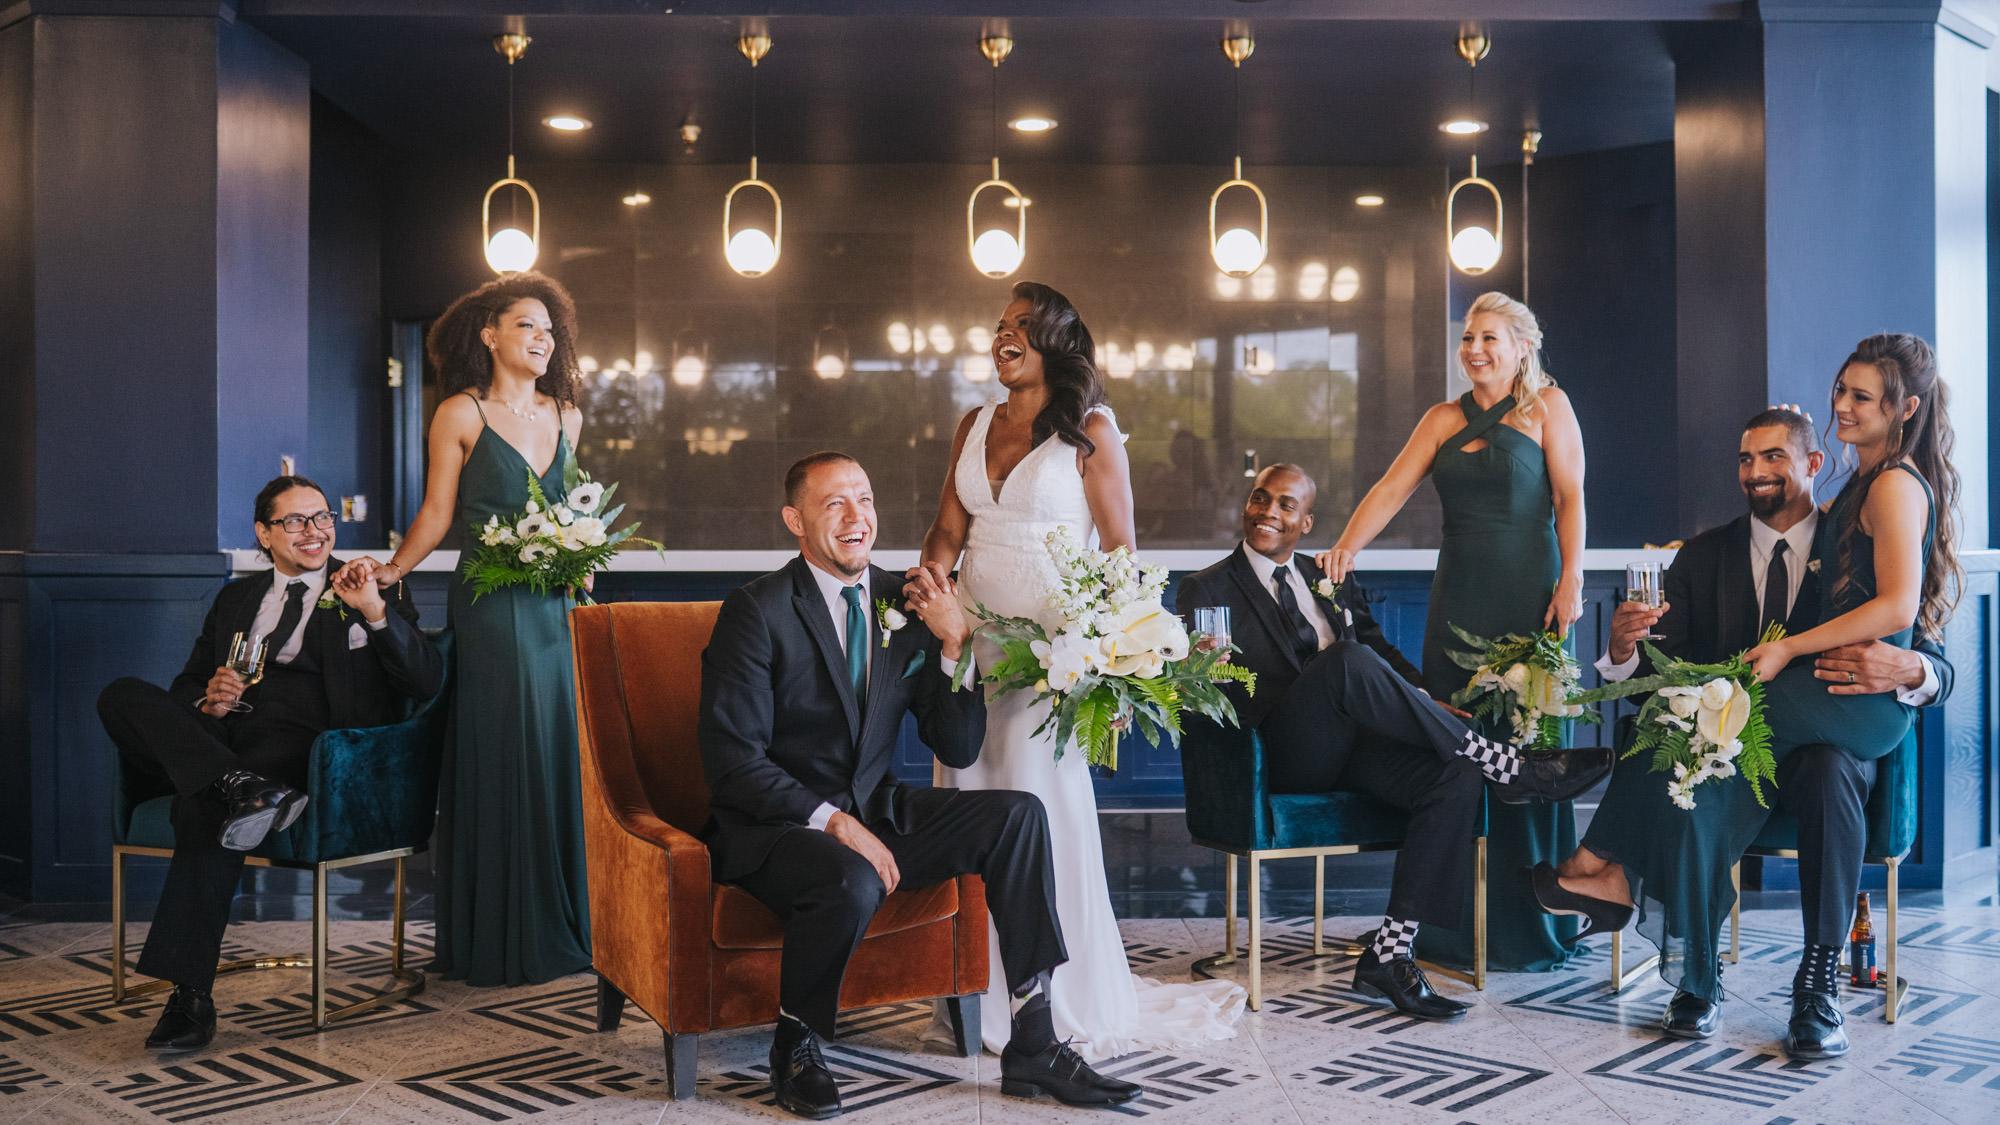 wedding party at fancy bar in Denver, Colorado